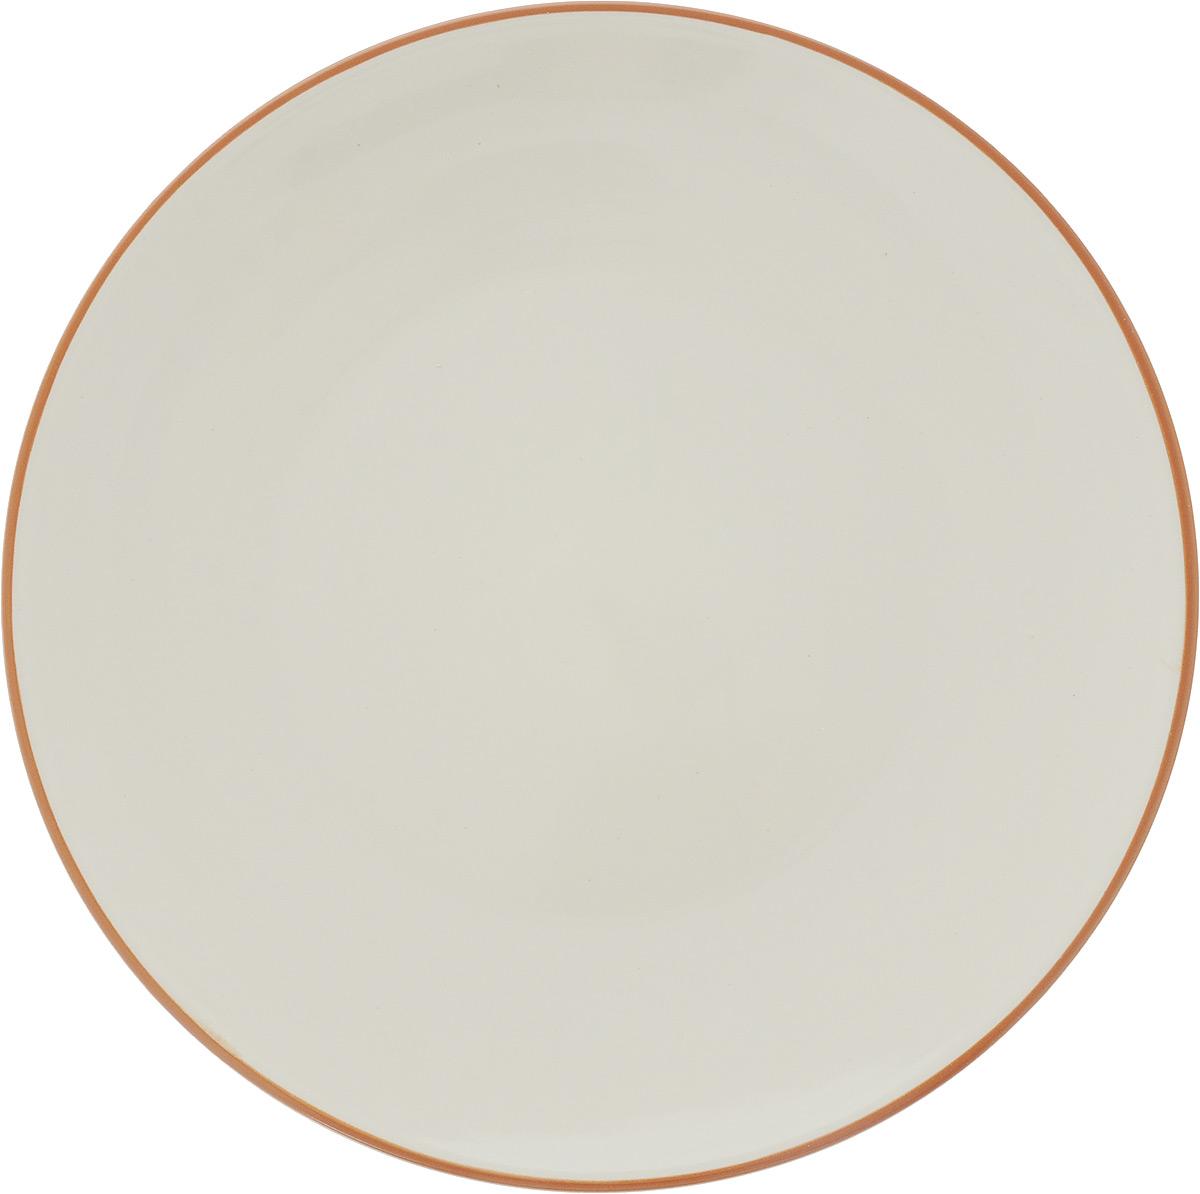 Тарелка обеденная Ломоносовская керамика, диаметр 24 см1ТО-24ТКОбеденная тарелка Ломоносовская керамика изготовлена из глины. Тарелка Ломоносовская керамика впишется в любой интерьер современной кухни и станет отличным подарком для вас и ваших близких. Диаметр тарелки: 24 см. Высота: 2 см.